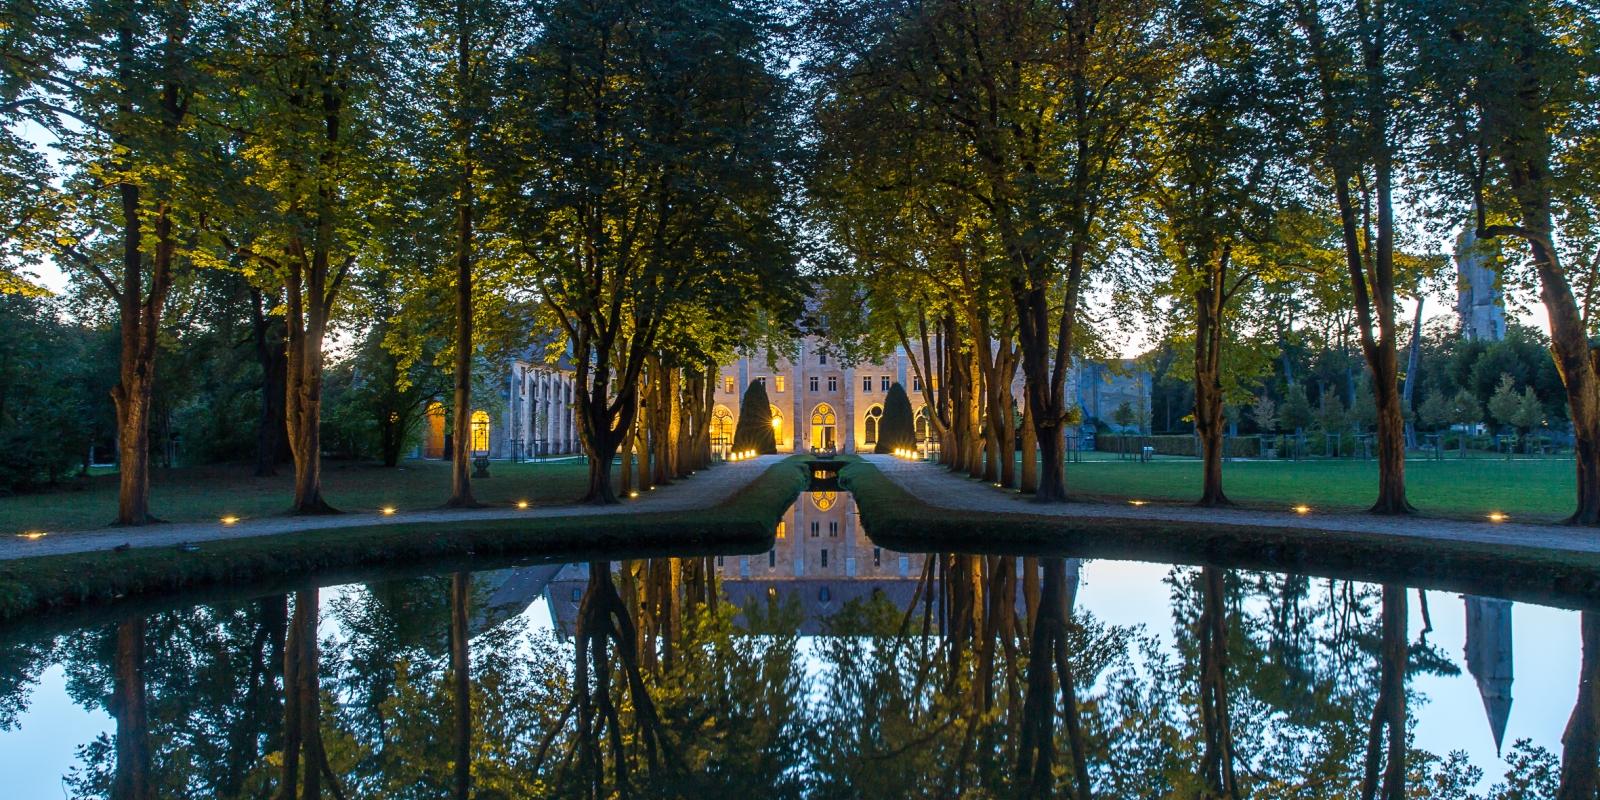 Photo prise de nuit du parc de l'abbaye de Royaumont avec l'abbaye éclairé au fond dans la trajectoire de l'eau du petit bassin du parc